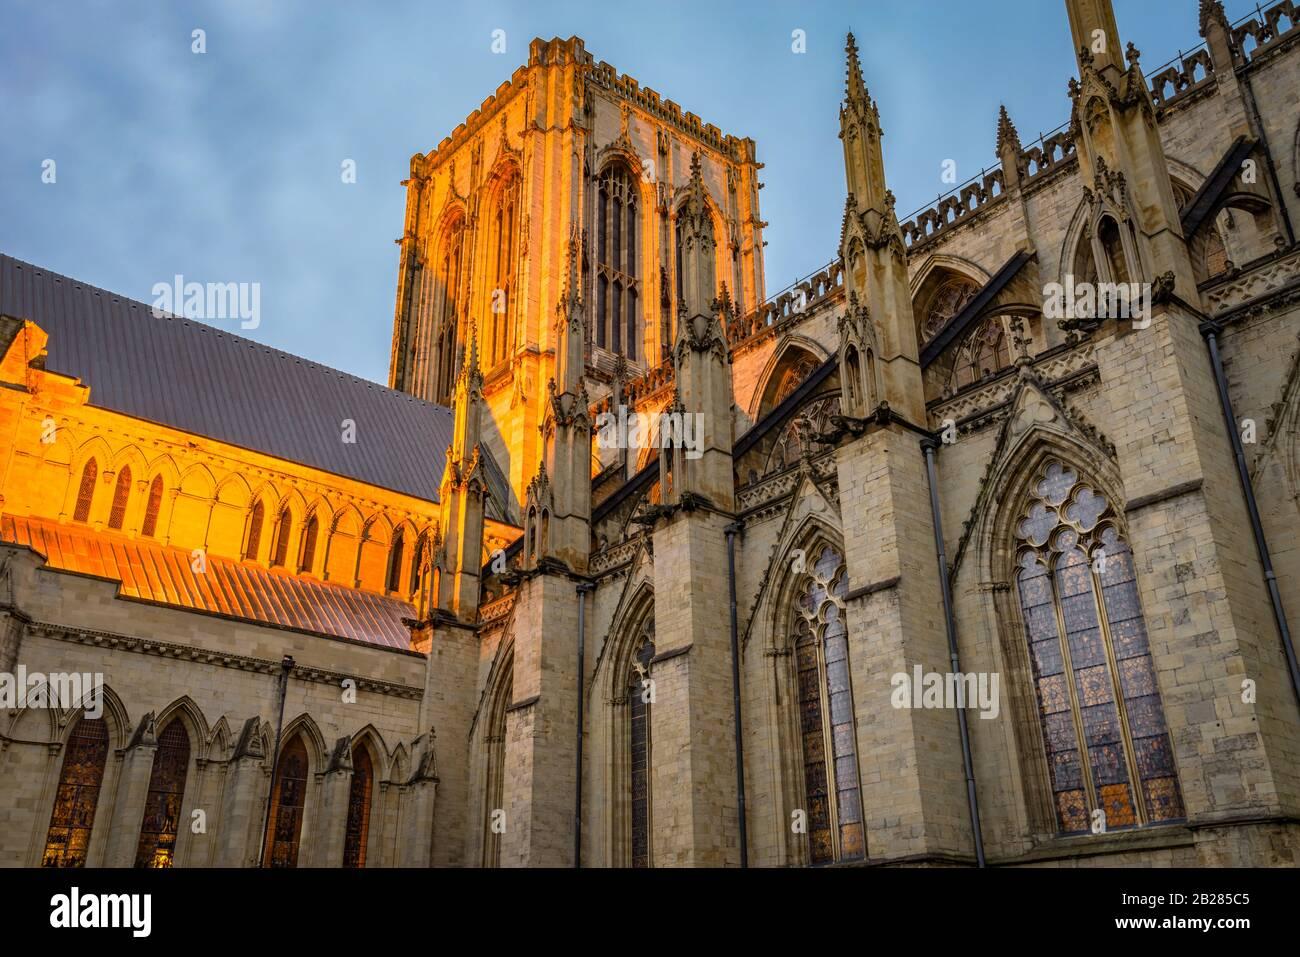 Une section éclairée de York Minster avec son architecture gothique médiévale et sa tour centrale à l'aube. Les vitraux sont allumés. Banque D'Images